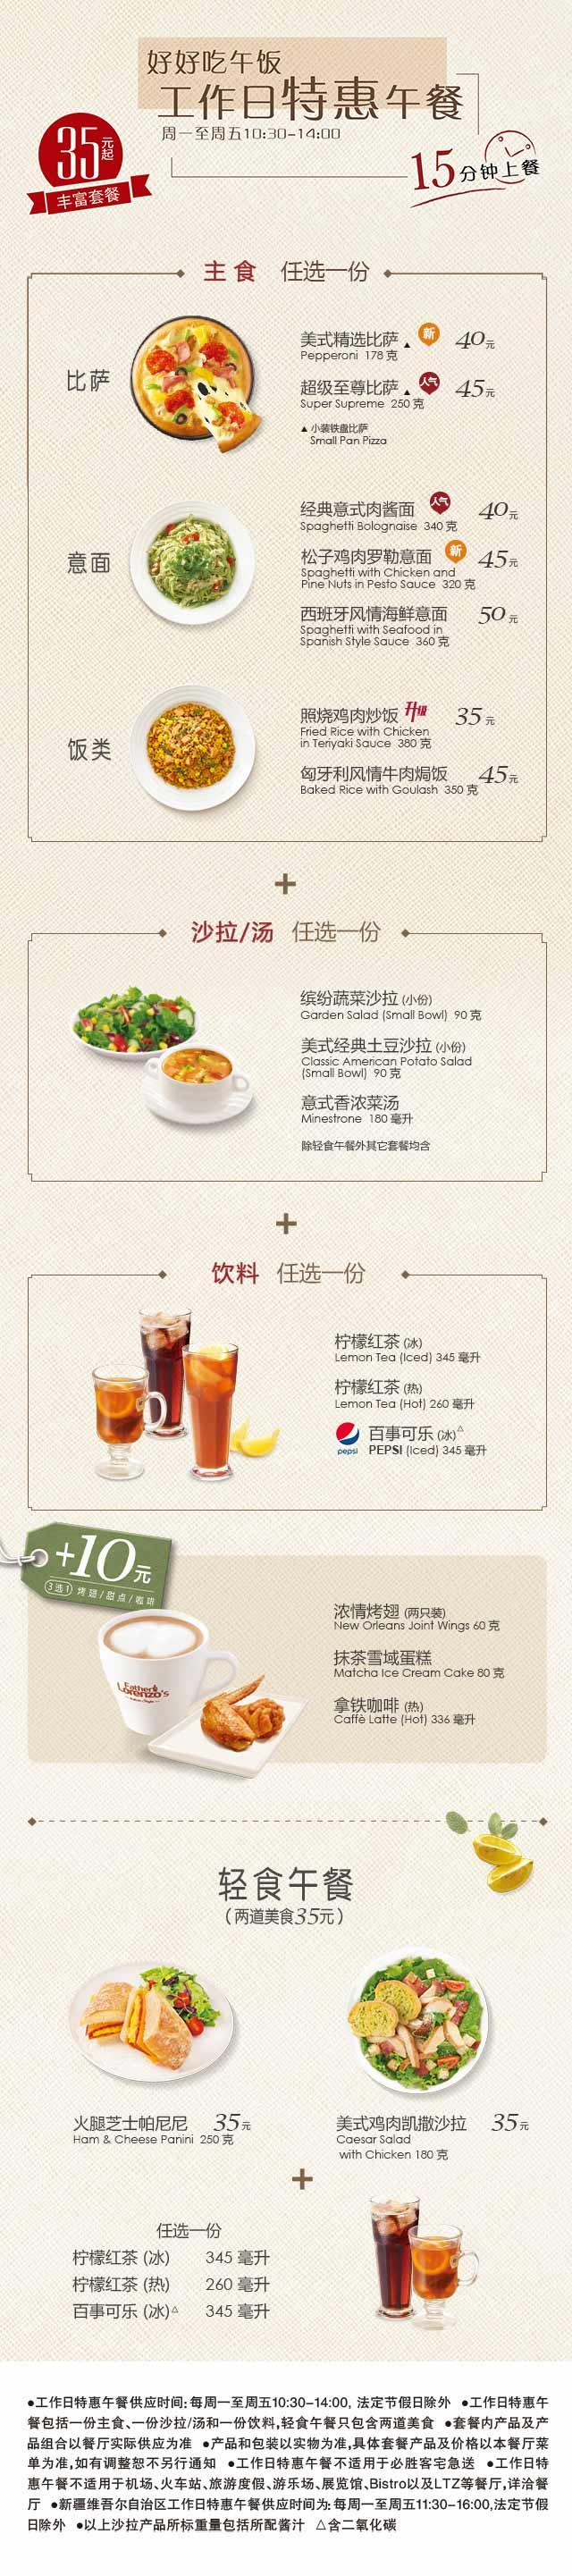 必胜客工作日特惠午餐菜单